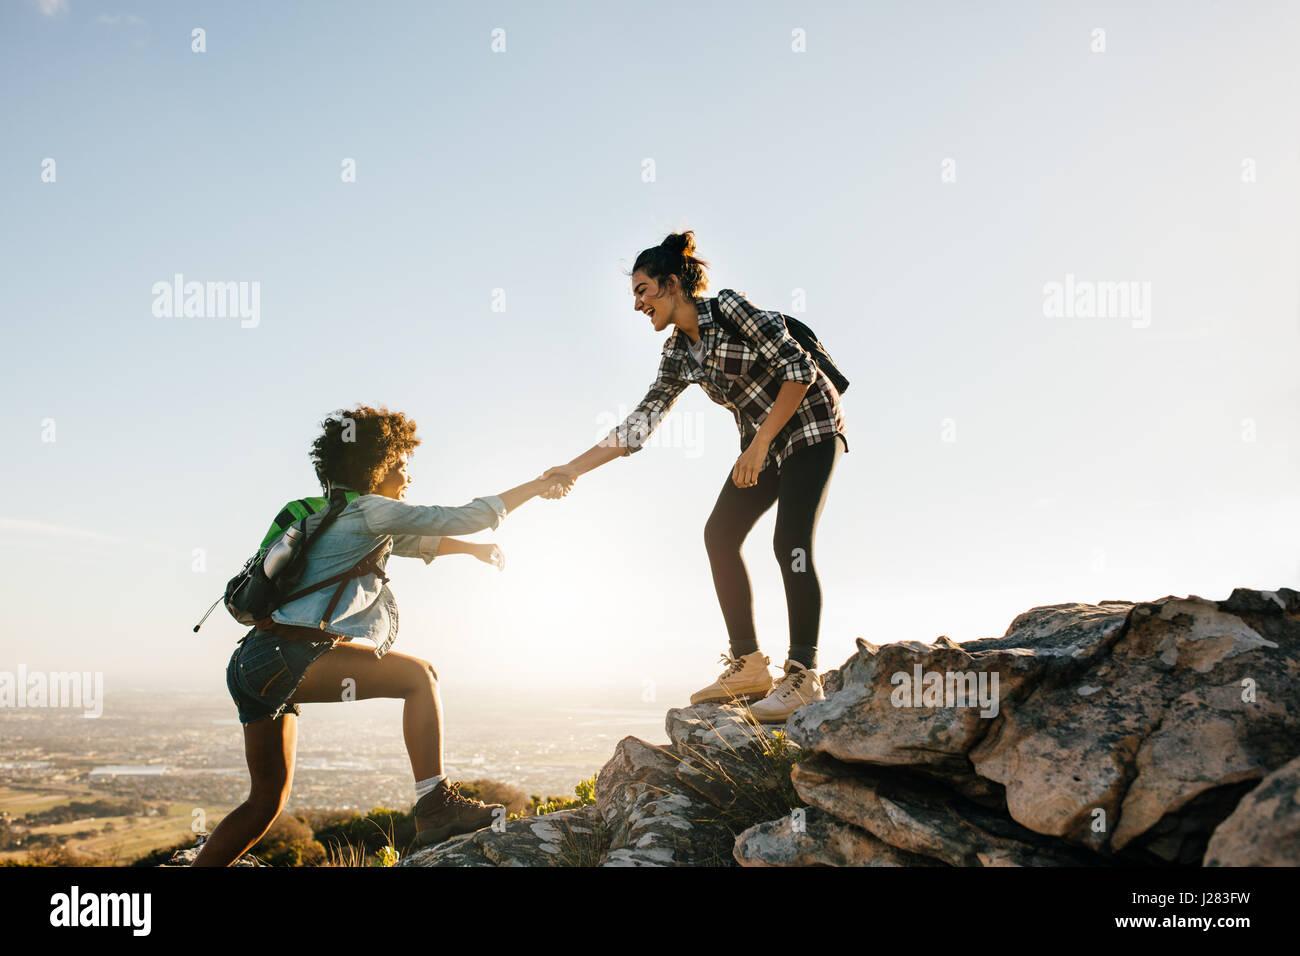 Junge Frau hilft Freund zu dem Felsen erklimmen. Zwei junge Frauen, die in der Natur wandern. Stockbild